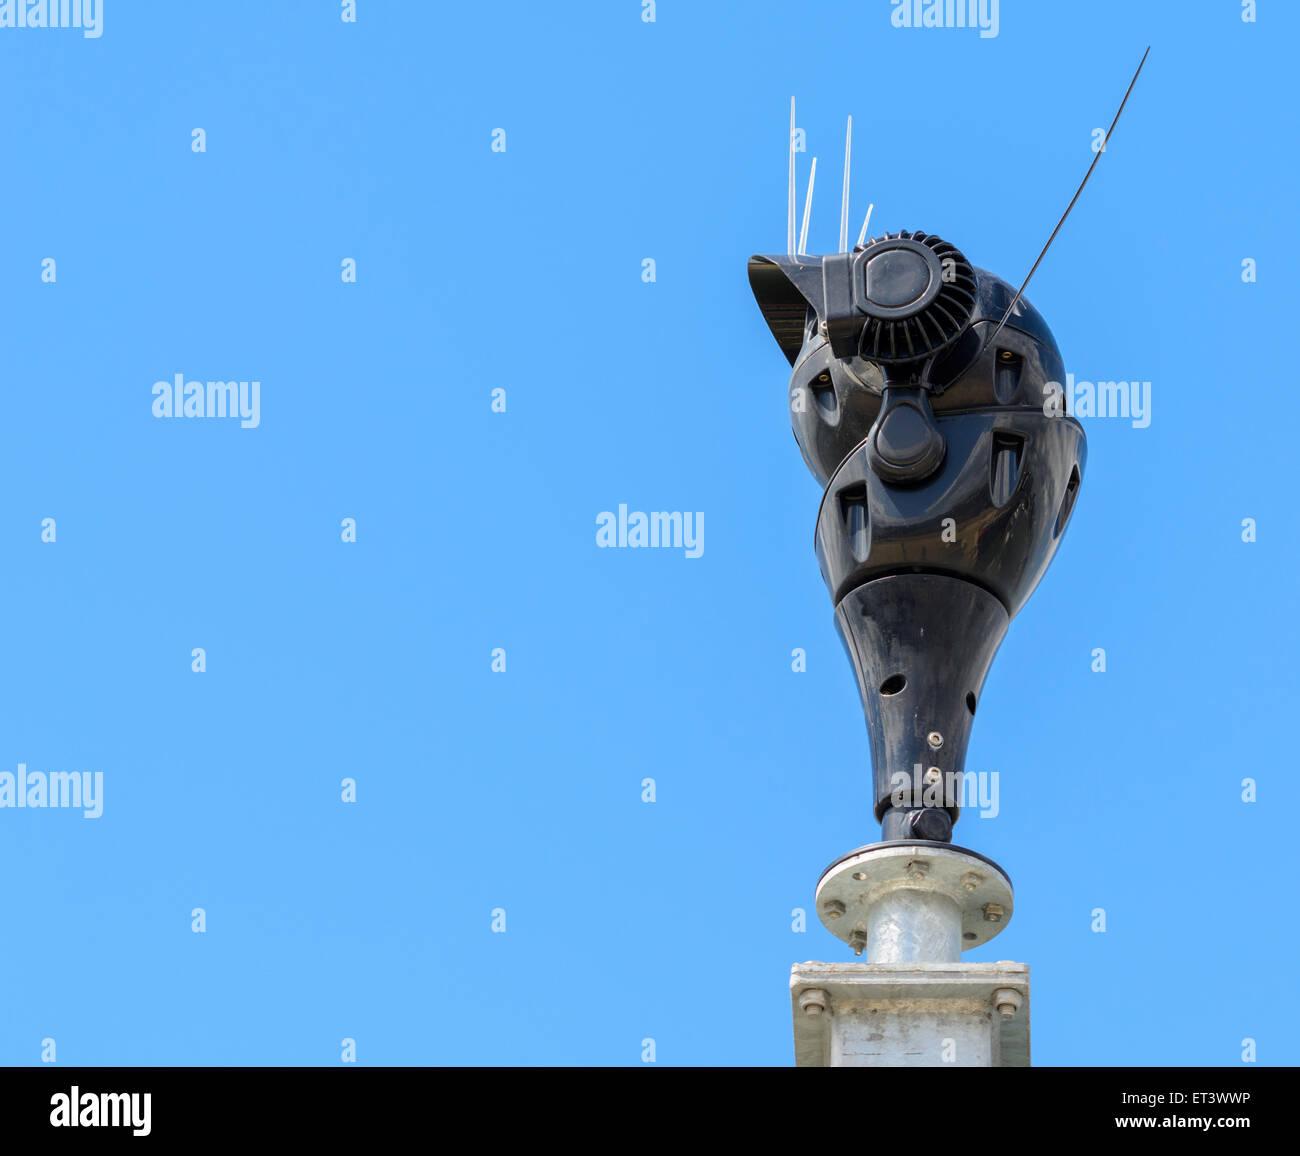 Webcam à l'extérieur contre le ciel bleu. Banque D'Images